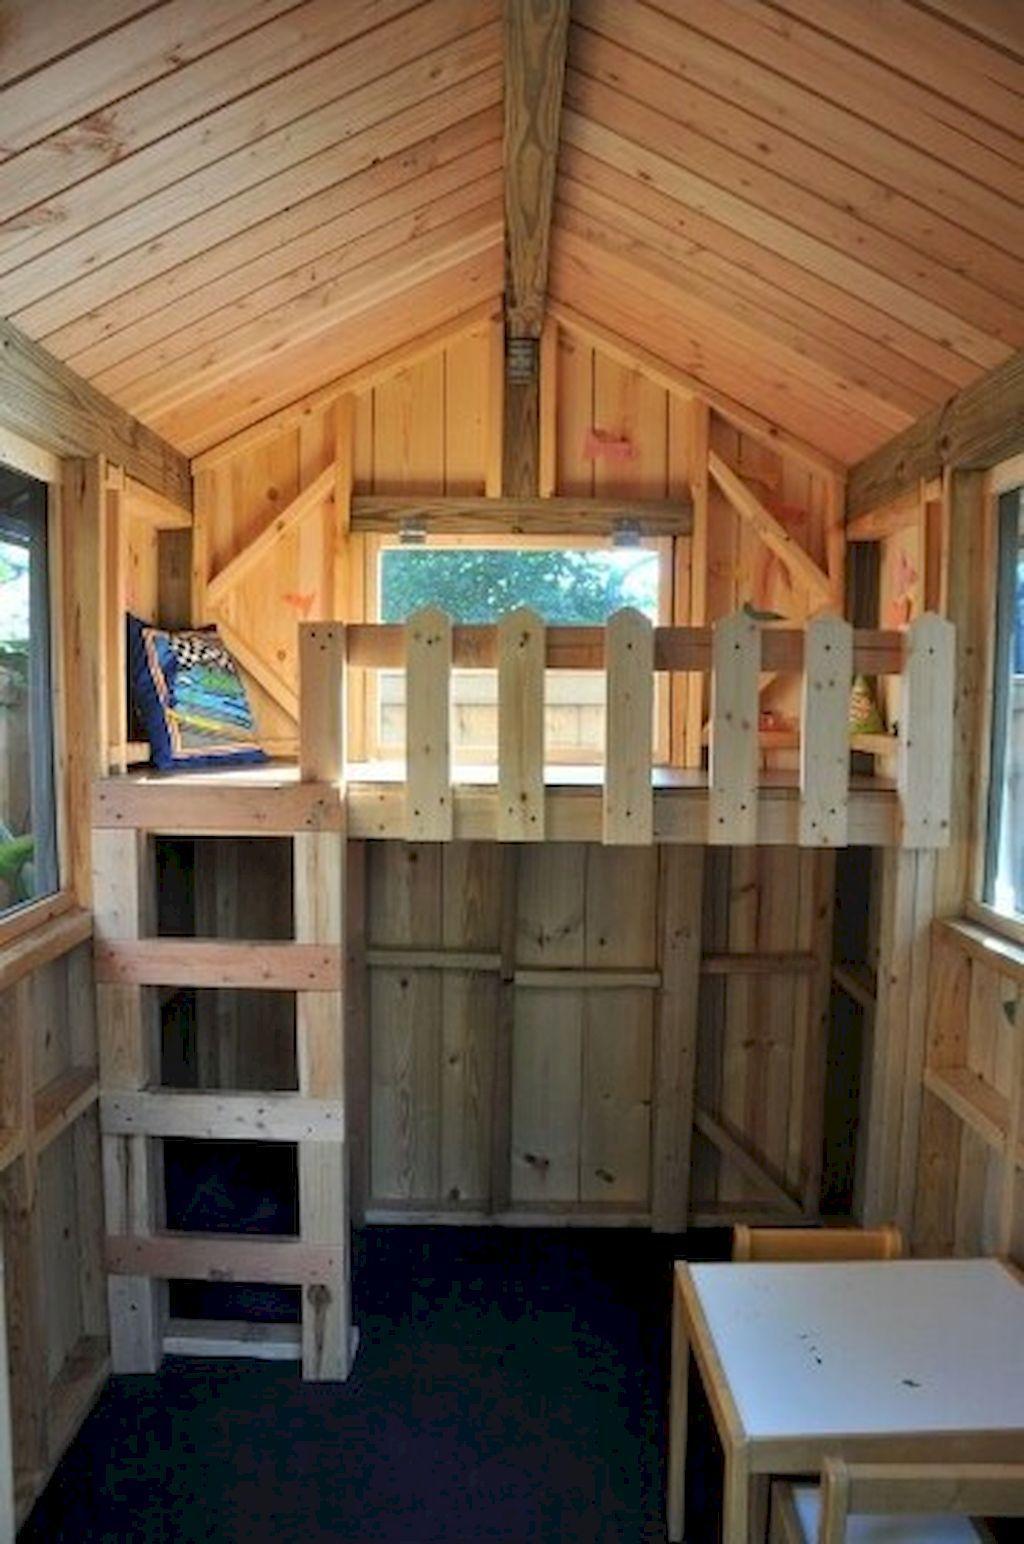 casita de madera pequena para jardin barato pin de raul murillo en juegos con pallets casita madera